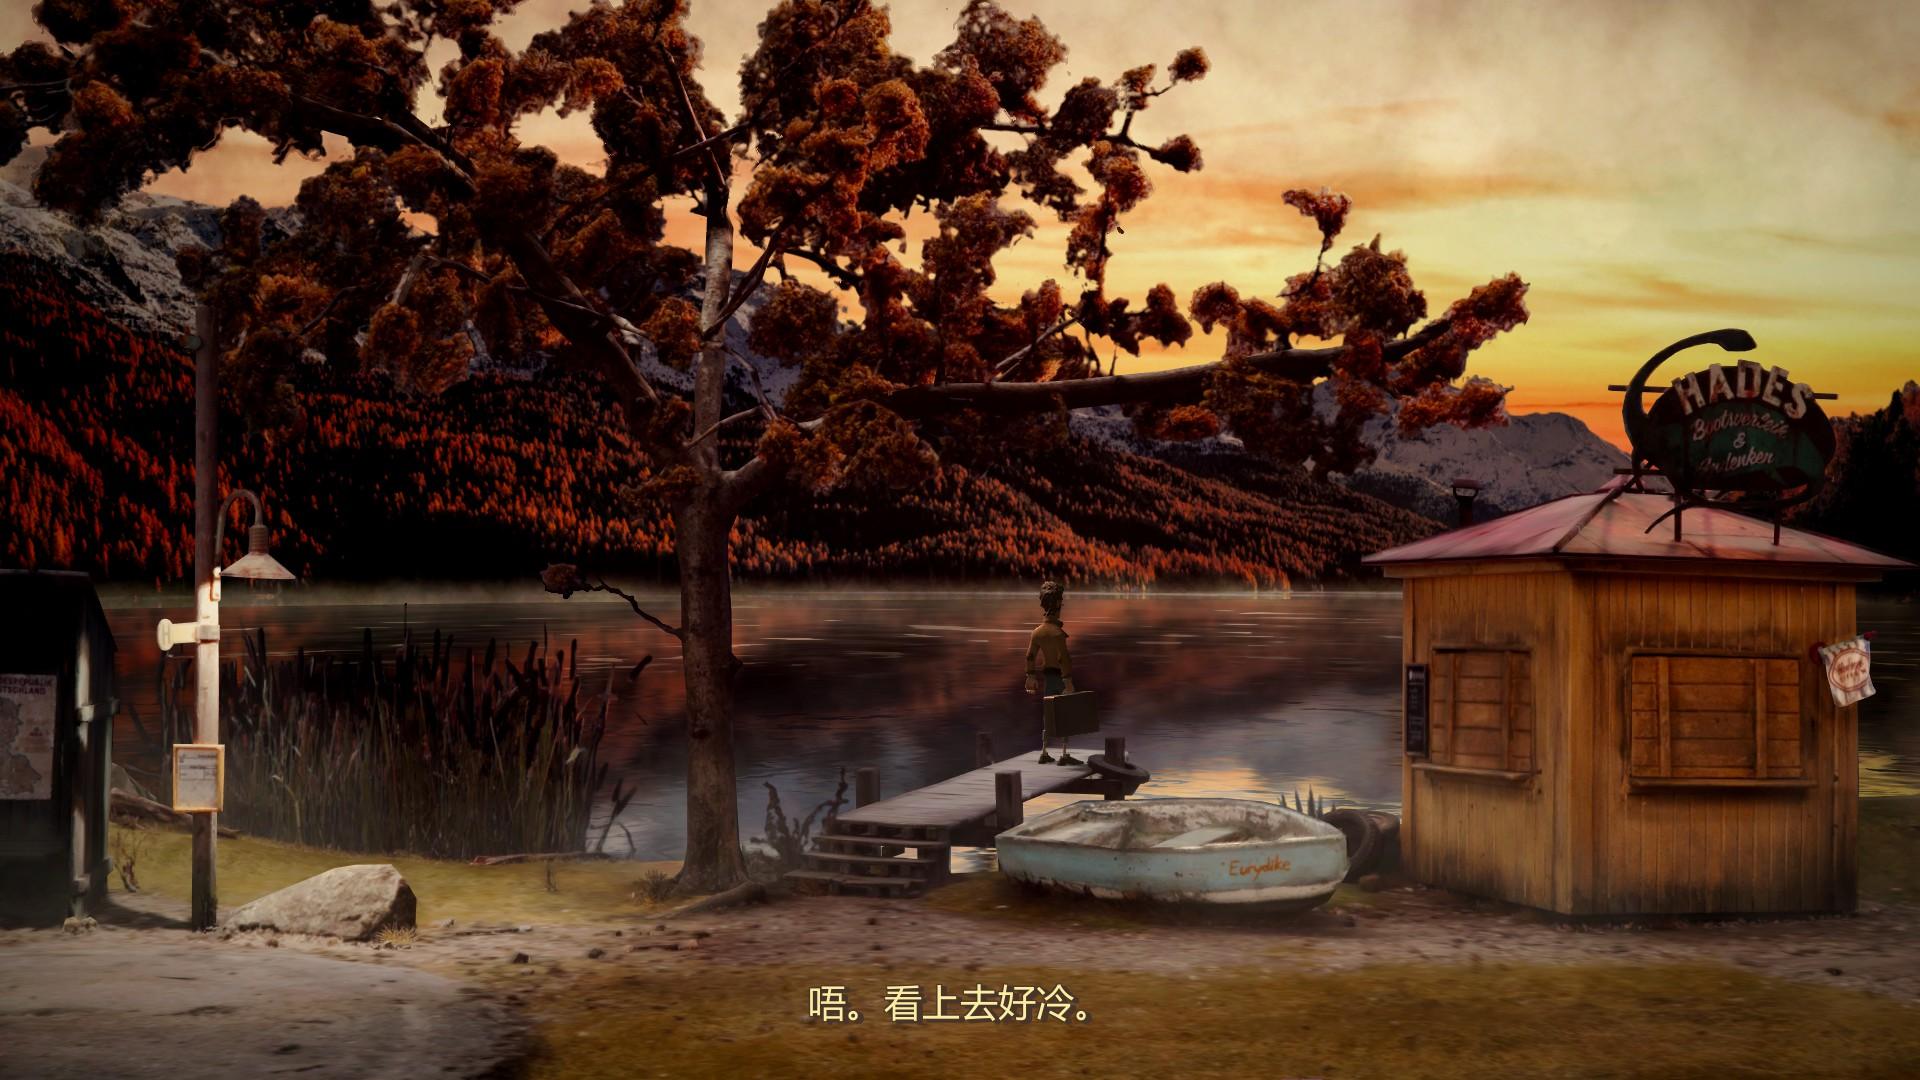 首发支持中文 Steam独立解谜游戏《墨池镇》即将发售